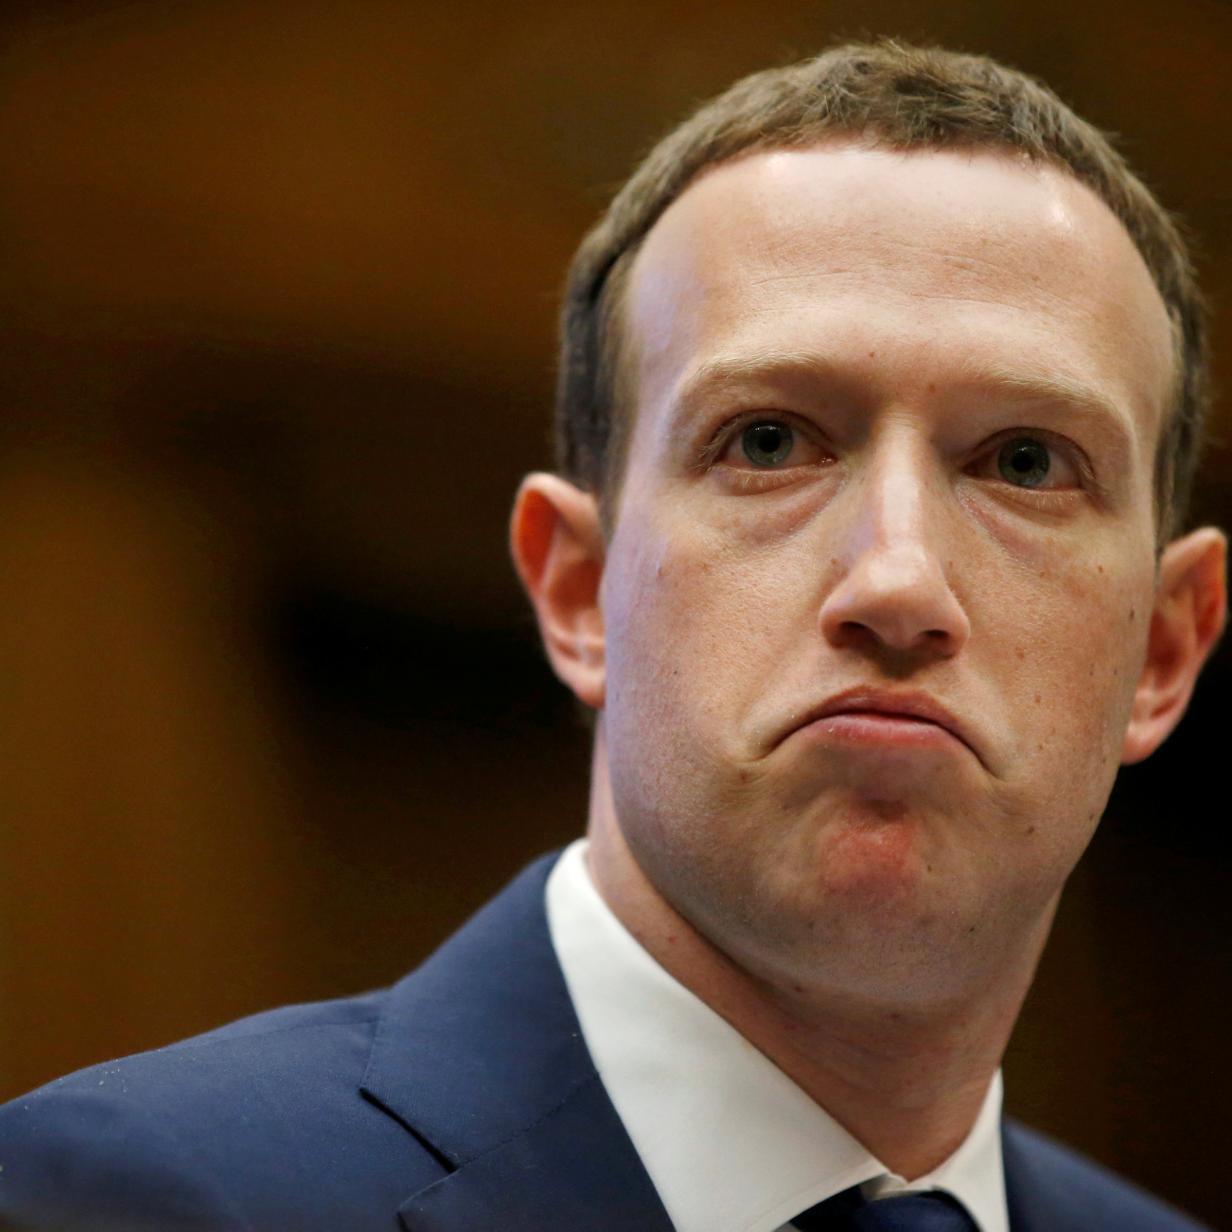 Zuckerberg verteidigt Verbreitung von Lügen in Politiker-Videos